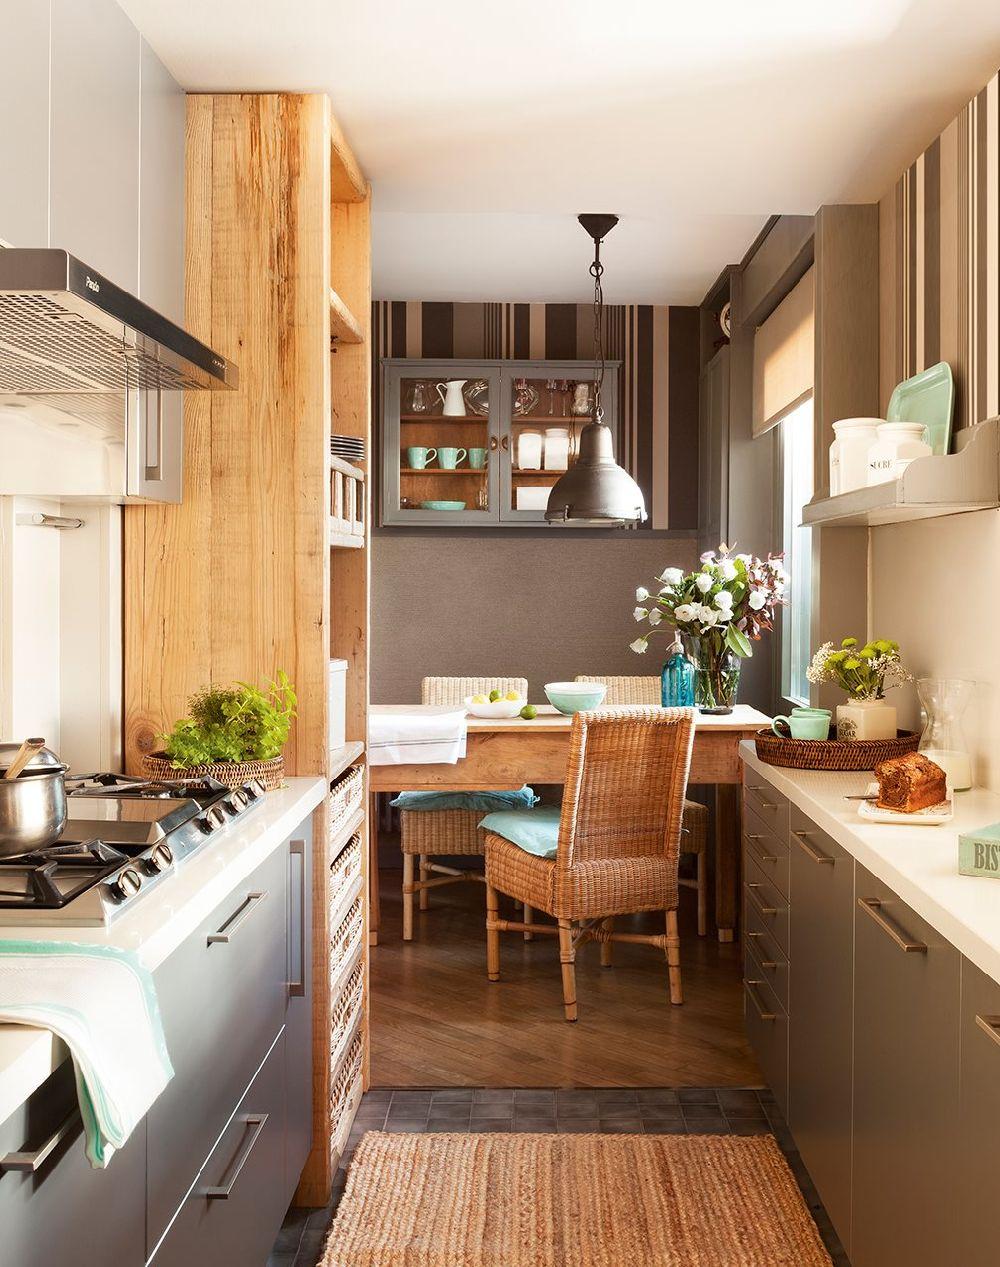 adelaparvu.com despre locuinta parter si mansarda in stil combinat clasic si rustic, designer Jeanette Tresing, Foto ElMueble (2)